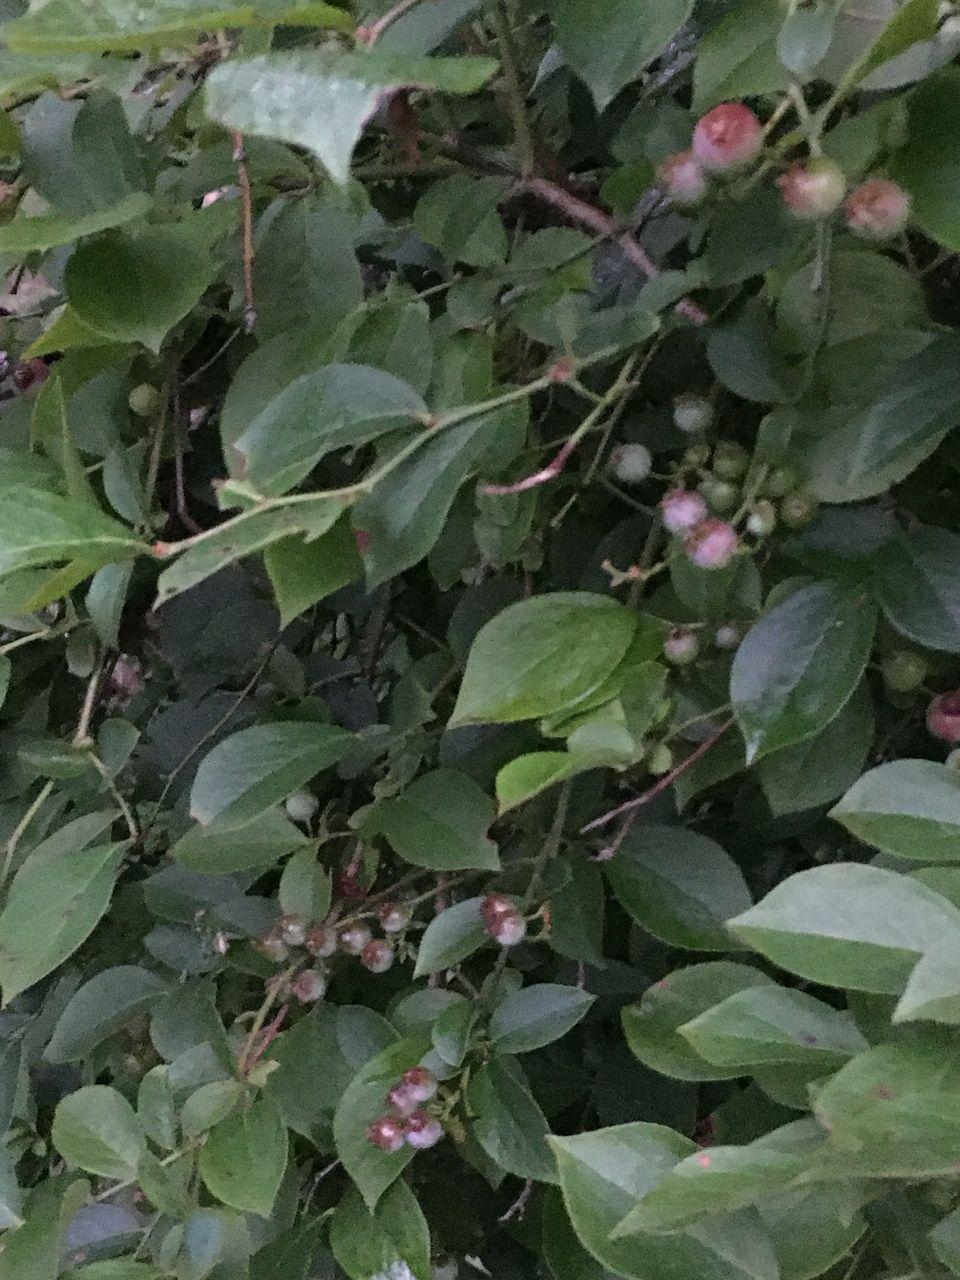 南阿蘇のブルーベリーの実少しづつ色づいてきました。